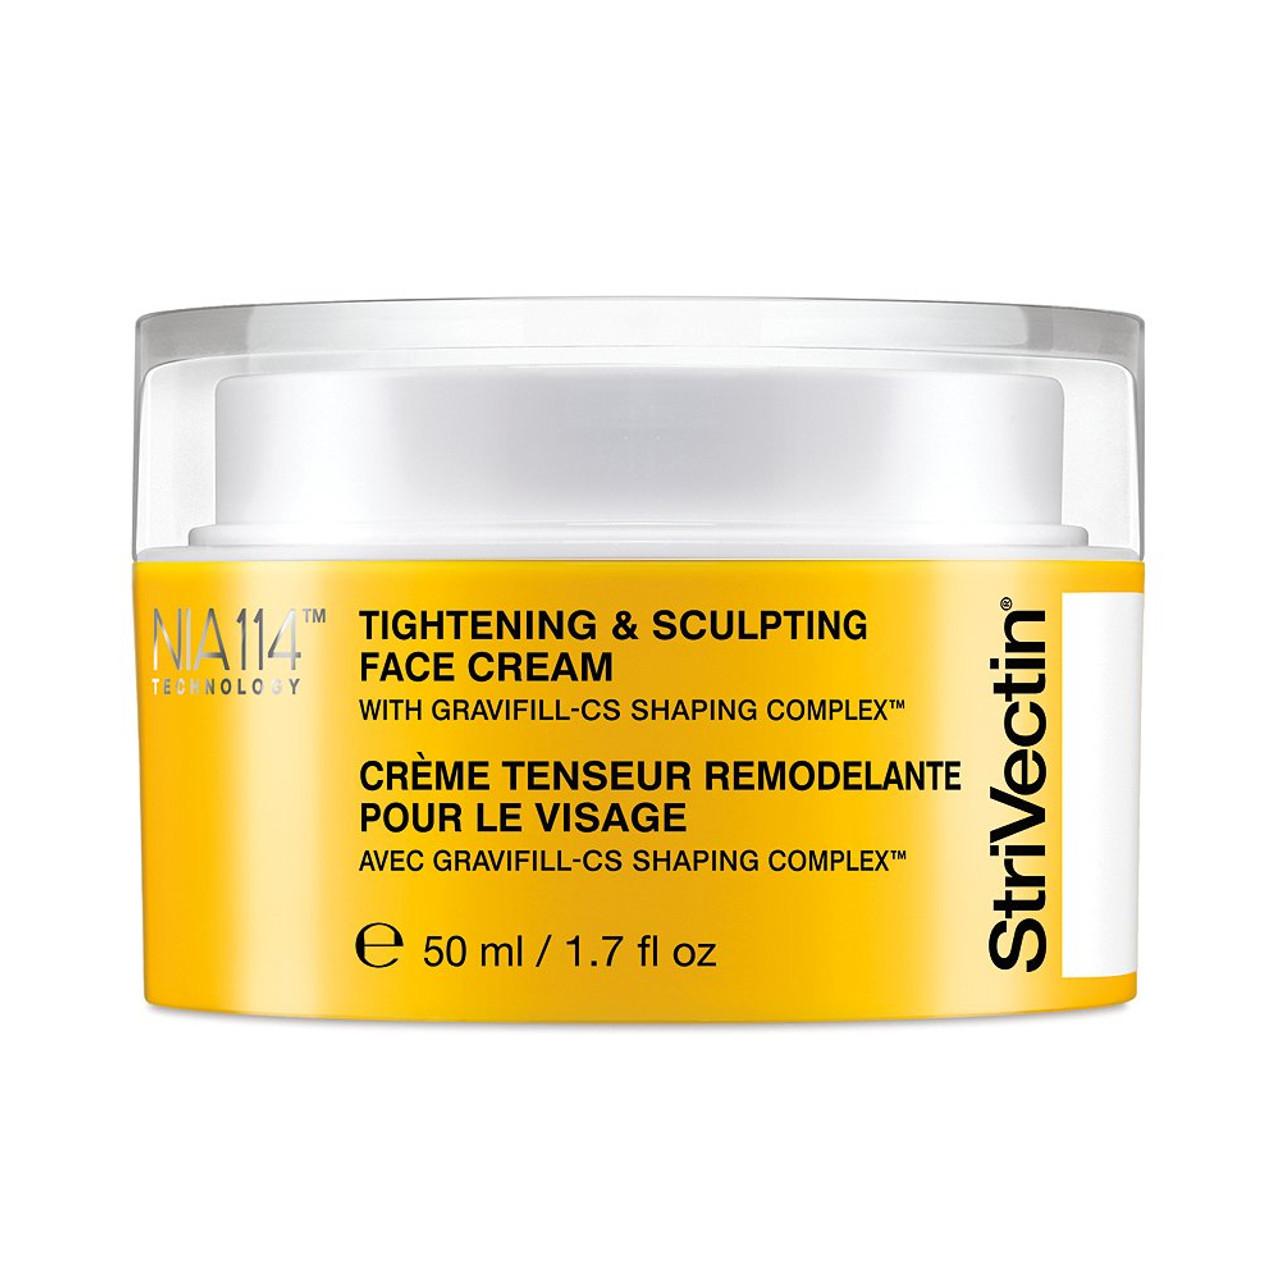 StriVectin Tightening & Sculpting Face Cream